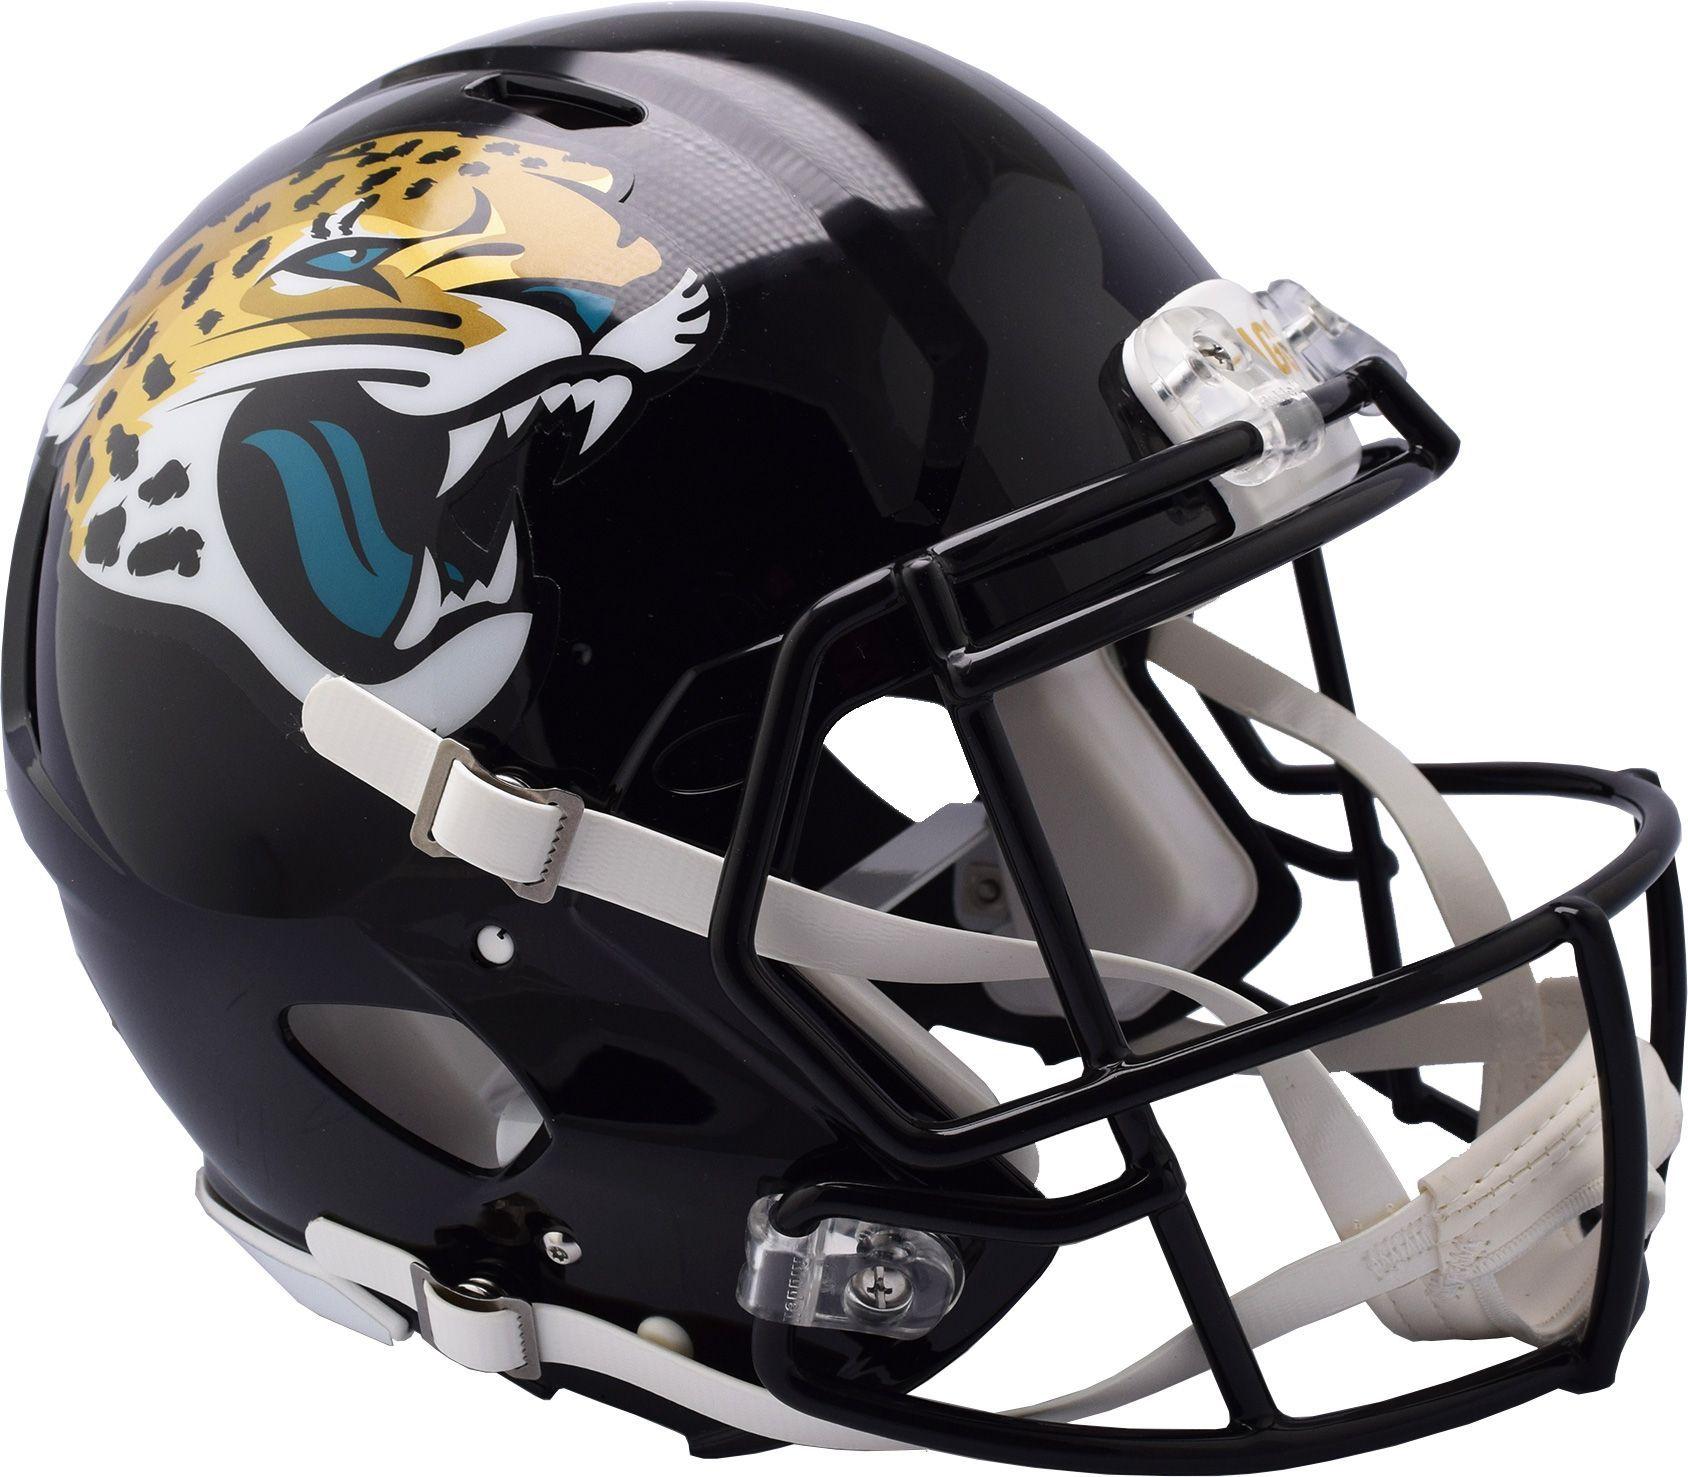 NFL Seattle Seahawks Speed Authentic Helmet